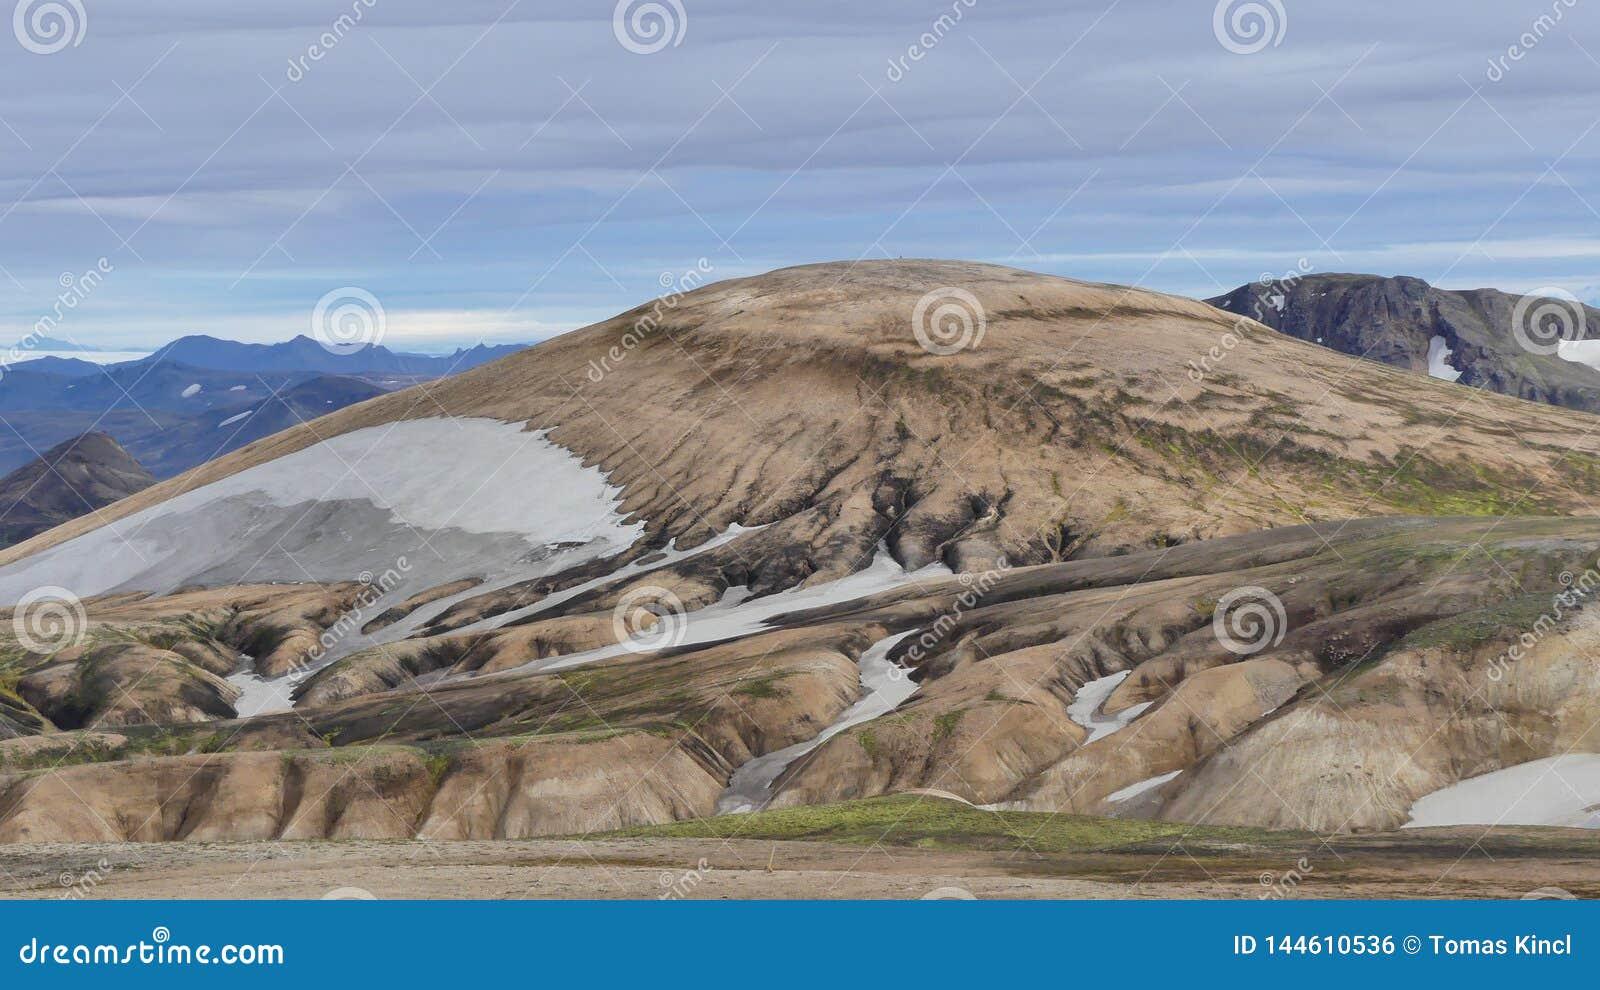 Wanderung Skalli - Landmannalaugar, kurze Wanderung nahe bis zum hei?en Quellen